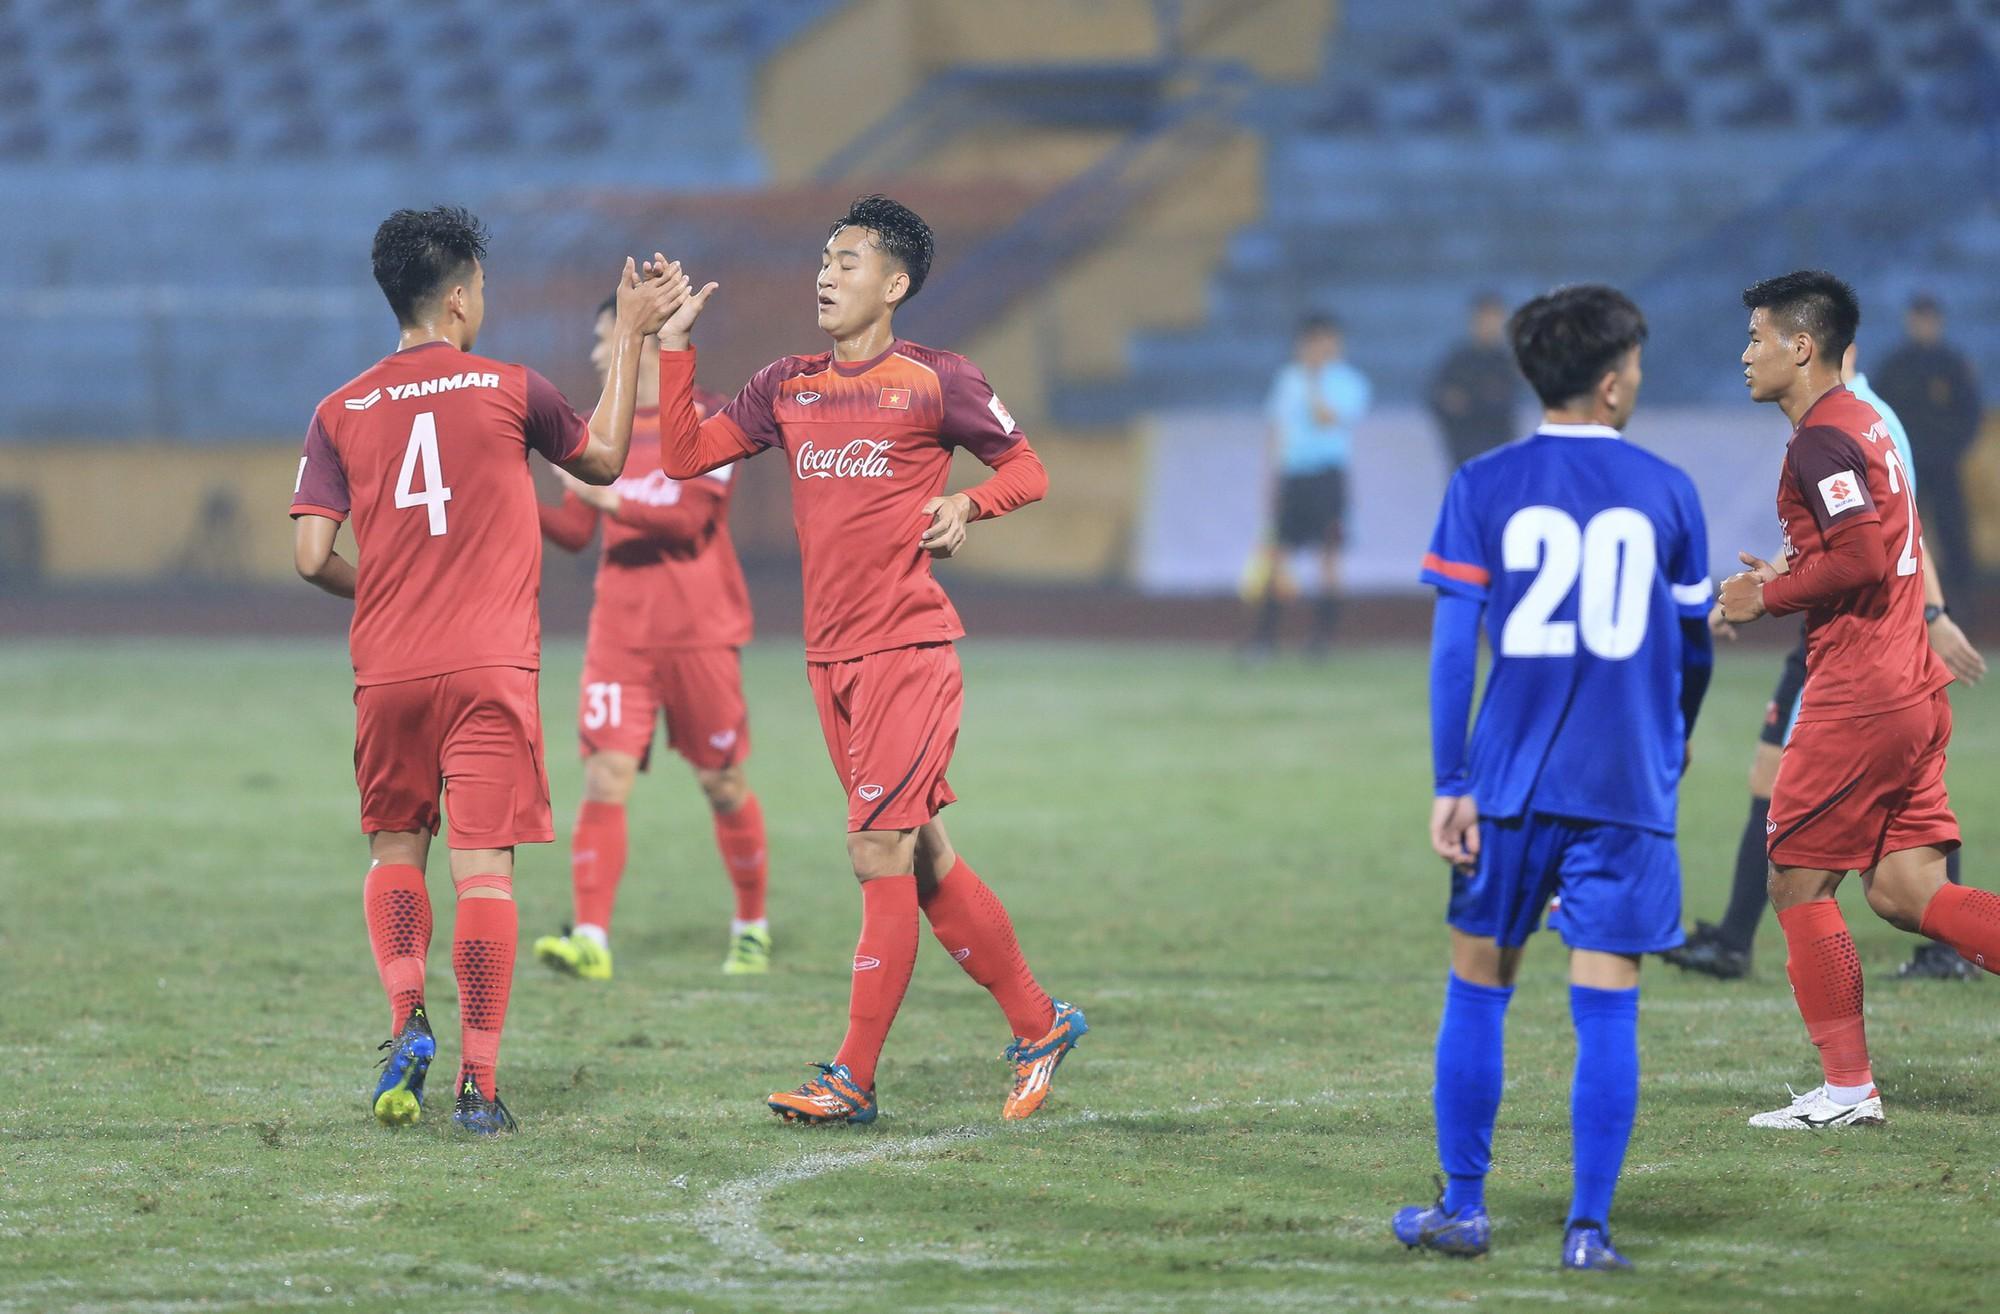 Đức Chinh nổ súng, U23 Việt Nam thắng tưng bừng trước thềm vòng loại U23 châu Á 2020-3